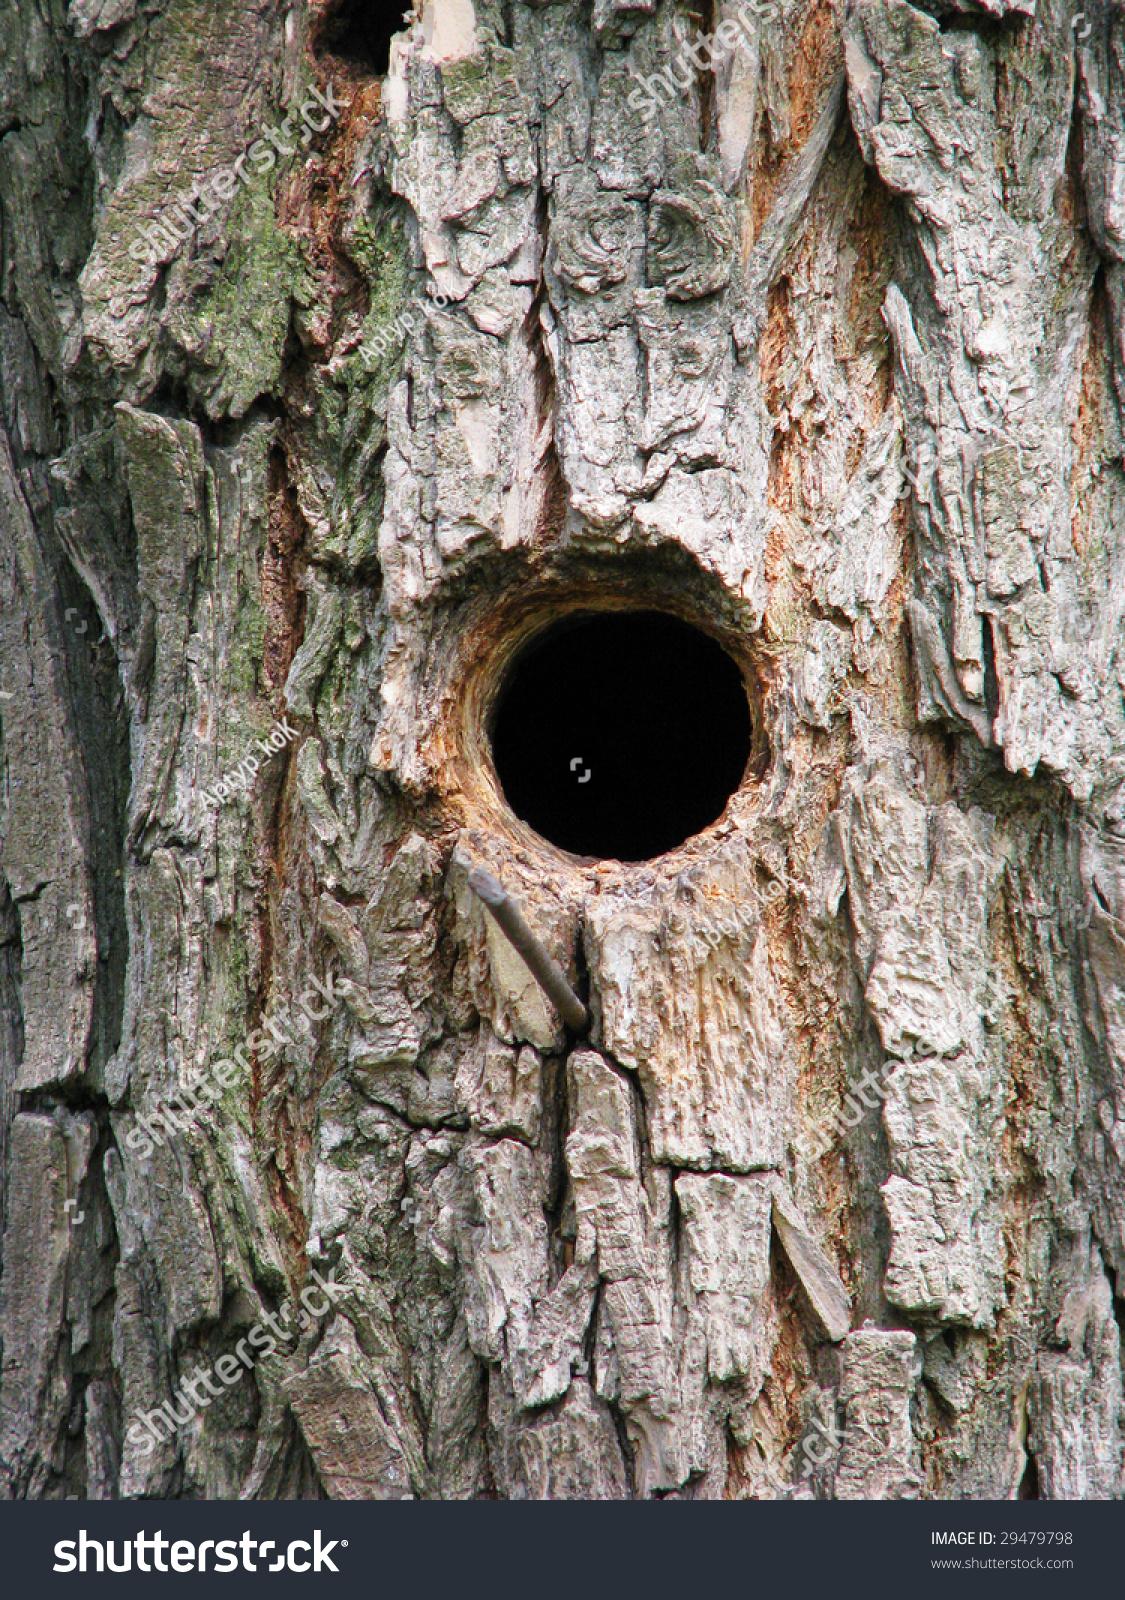 Birch Tree Fall Wallpaper Close Up Bird House Bark Tree Hollow Invoice Stock Photo 29479798